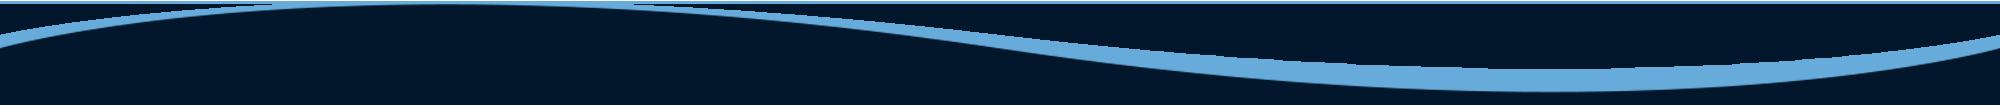 rd-header-drkblue-light-blue-wave